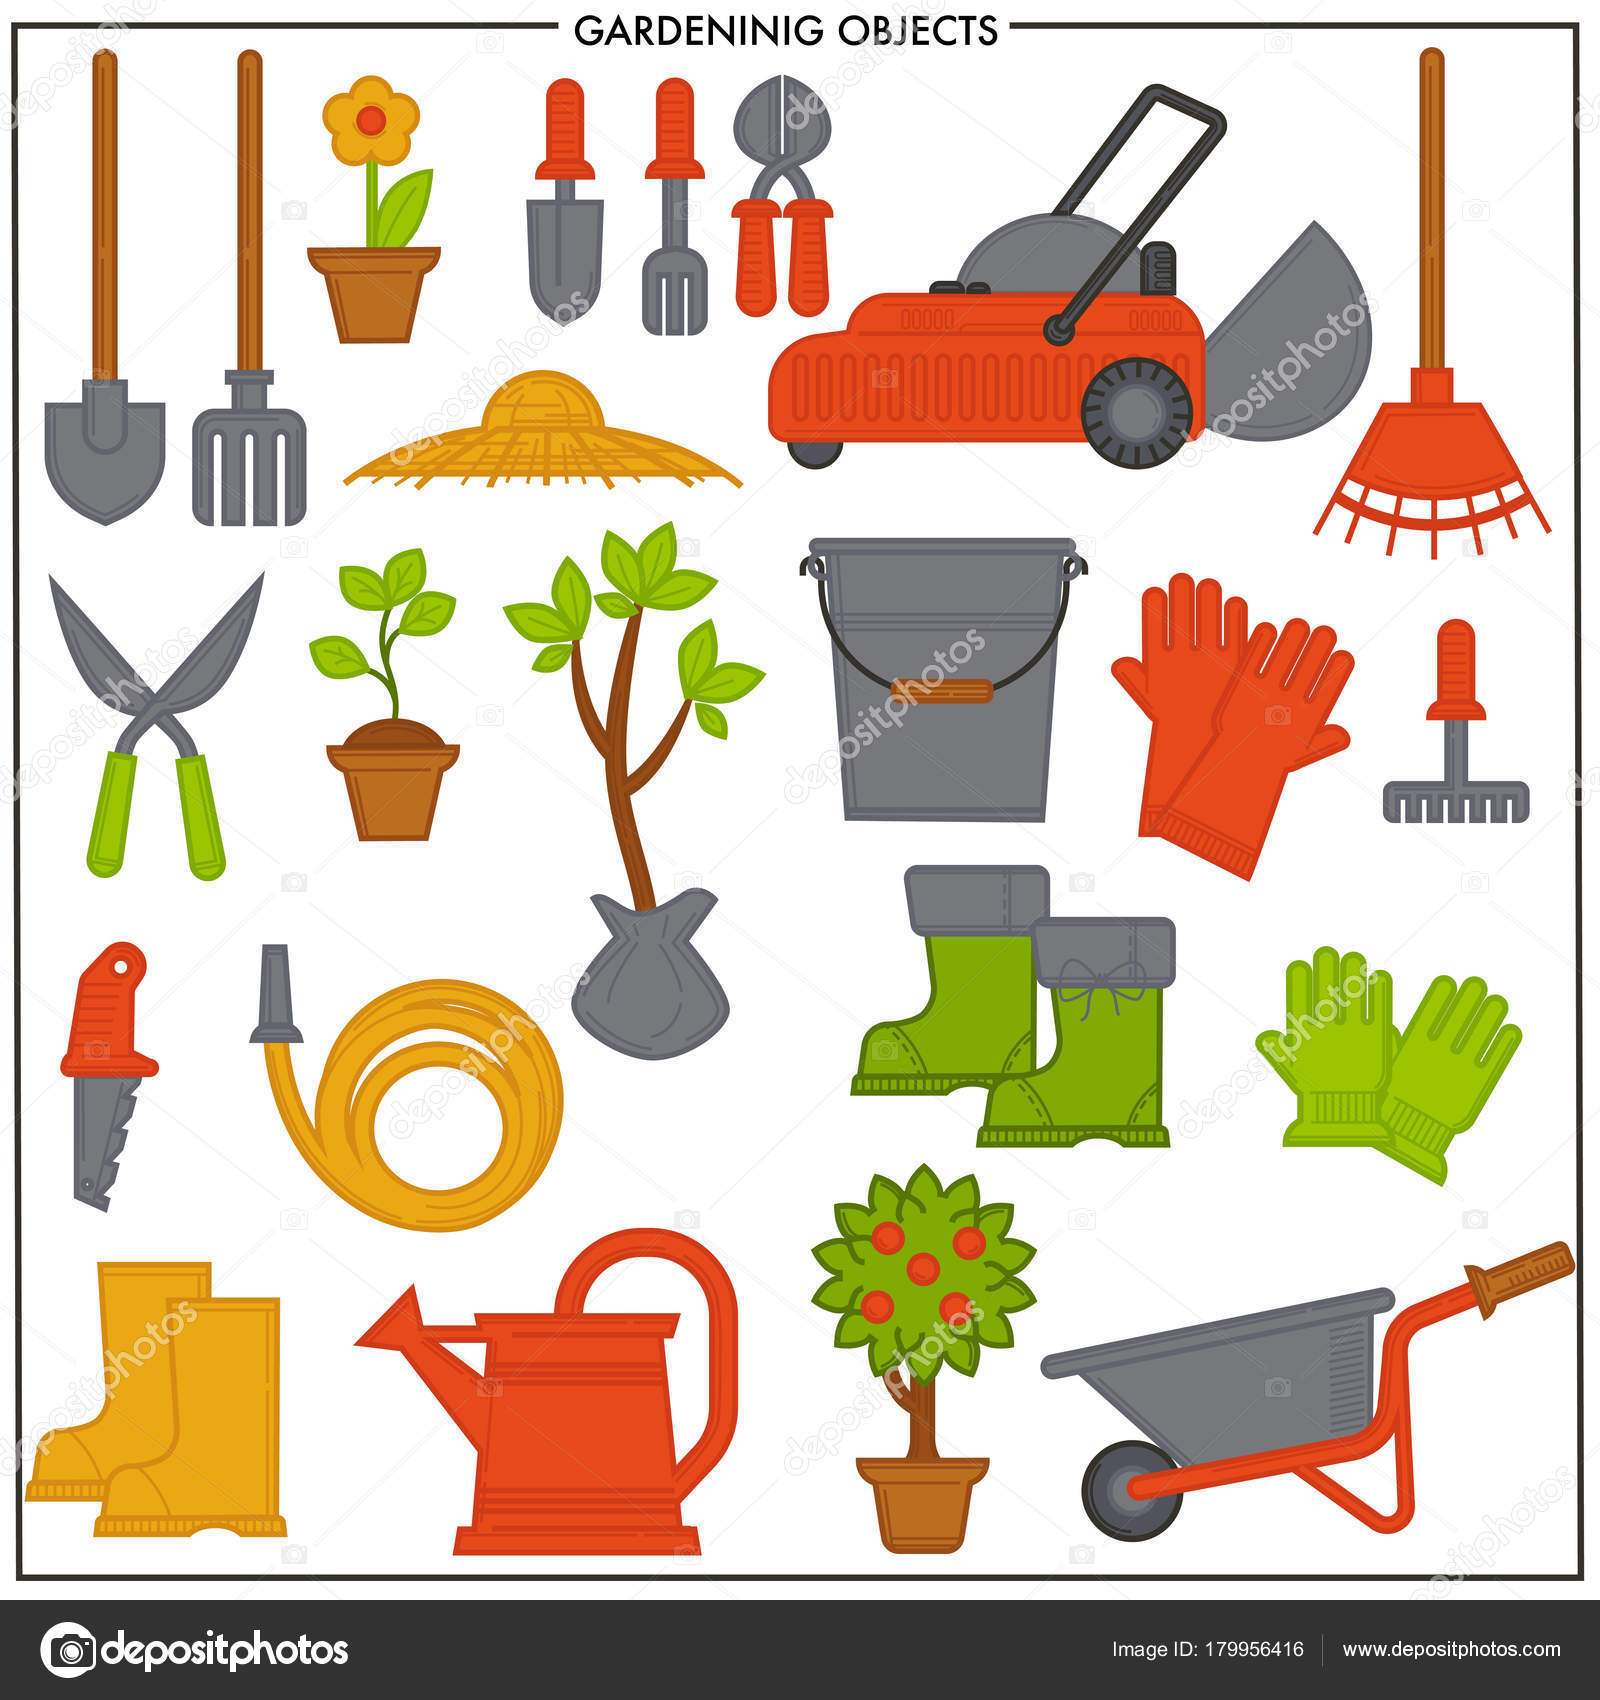 Conjunto objetos jardiner a compuesto por herramientas for Objetos de jardineria